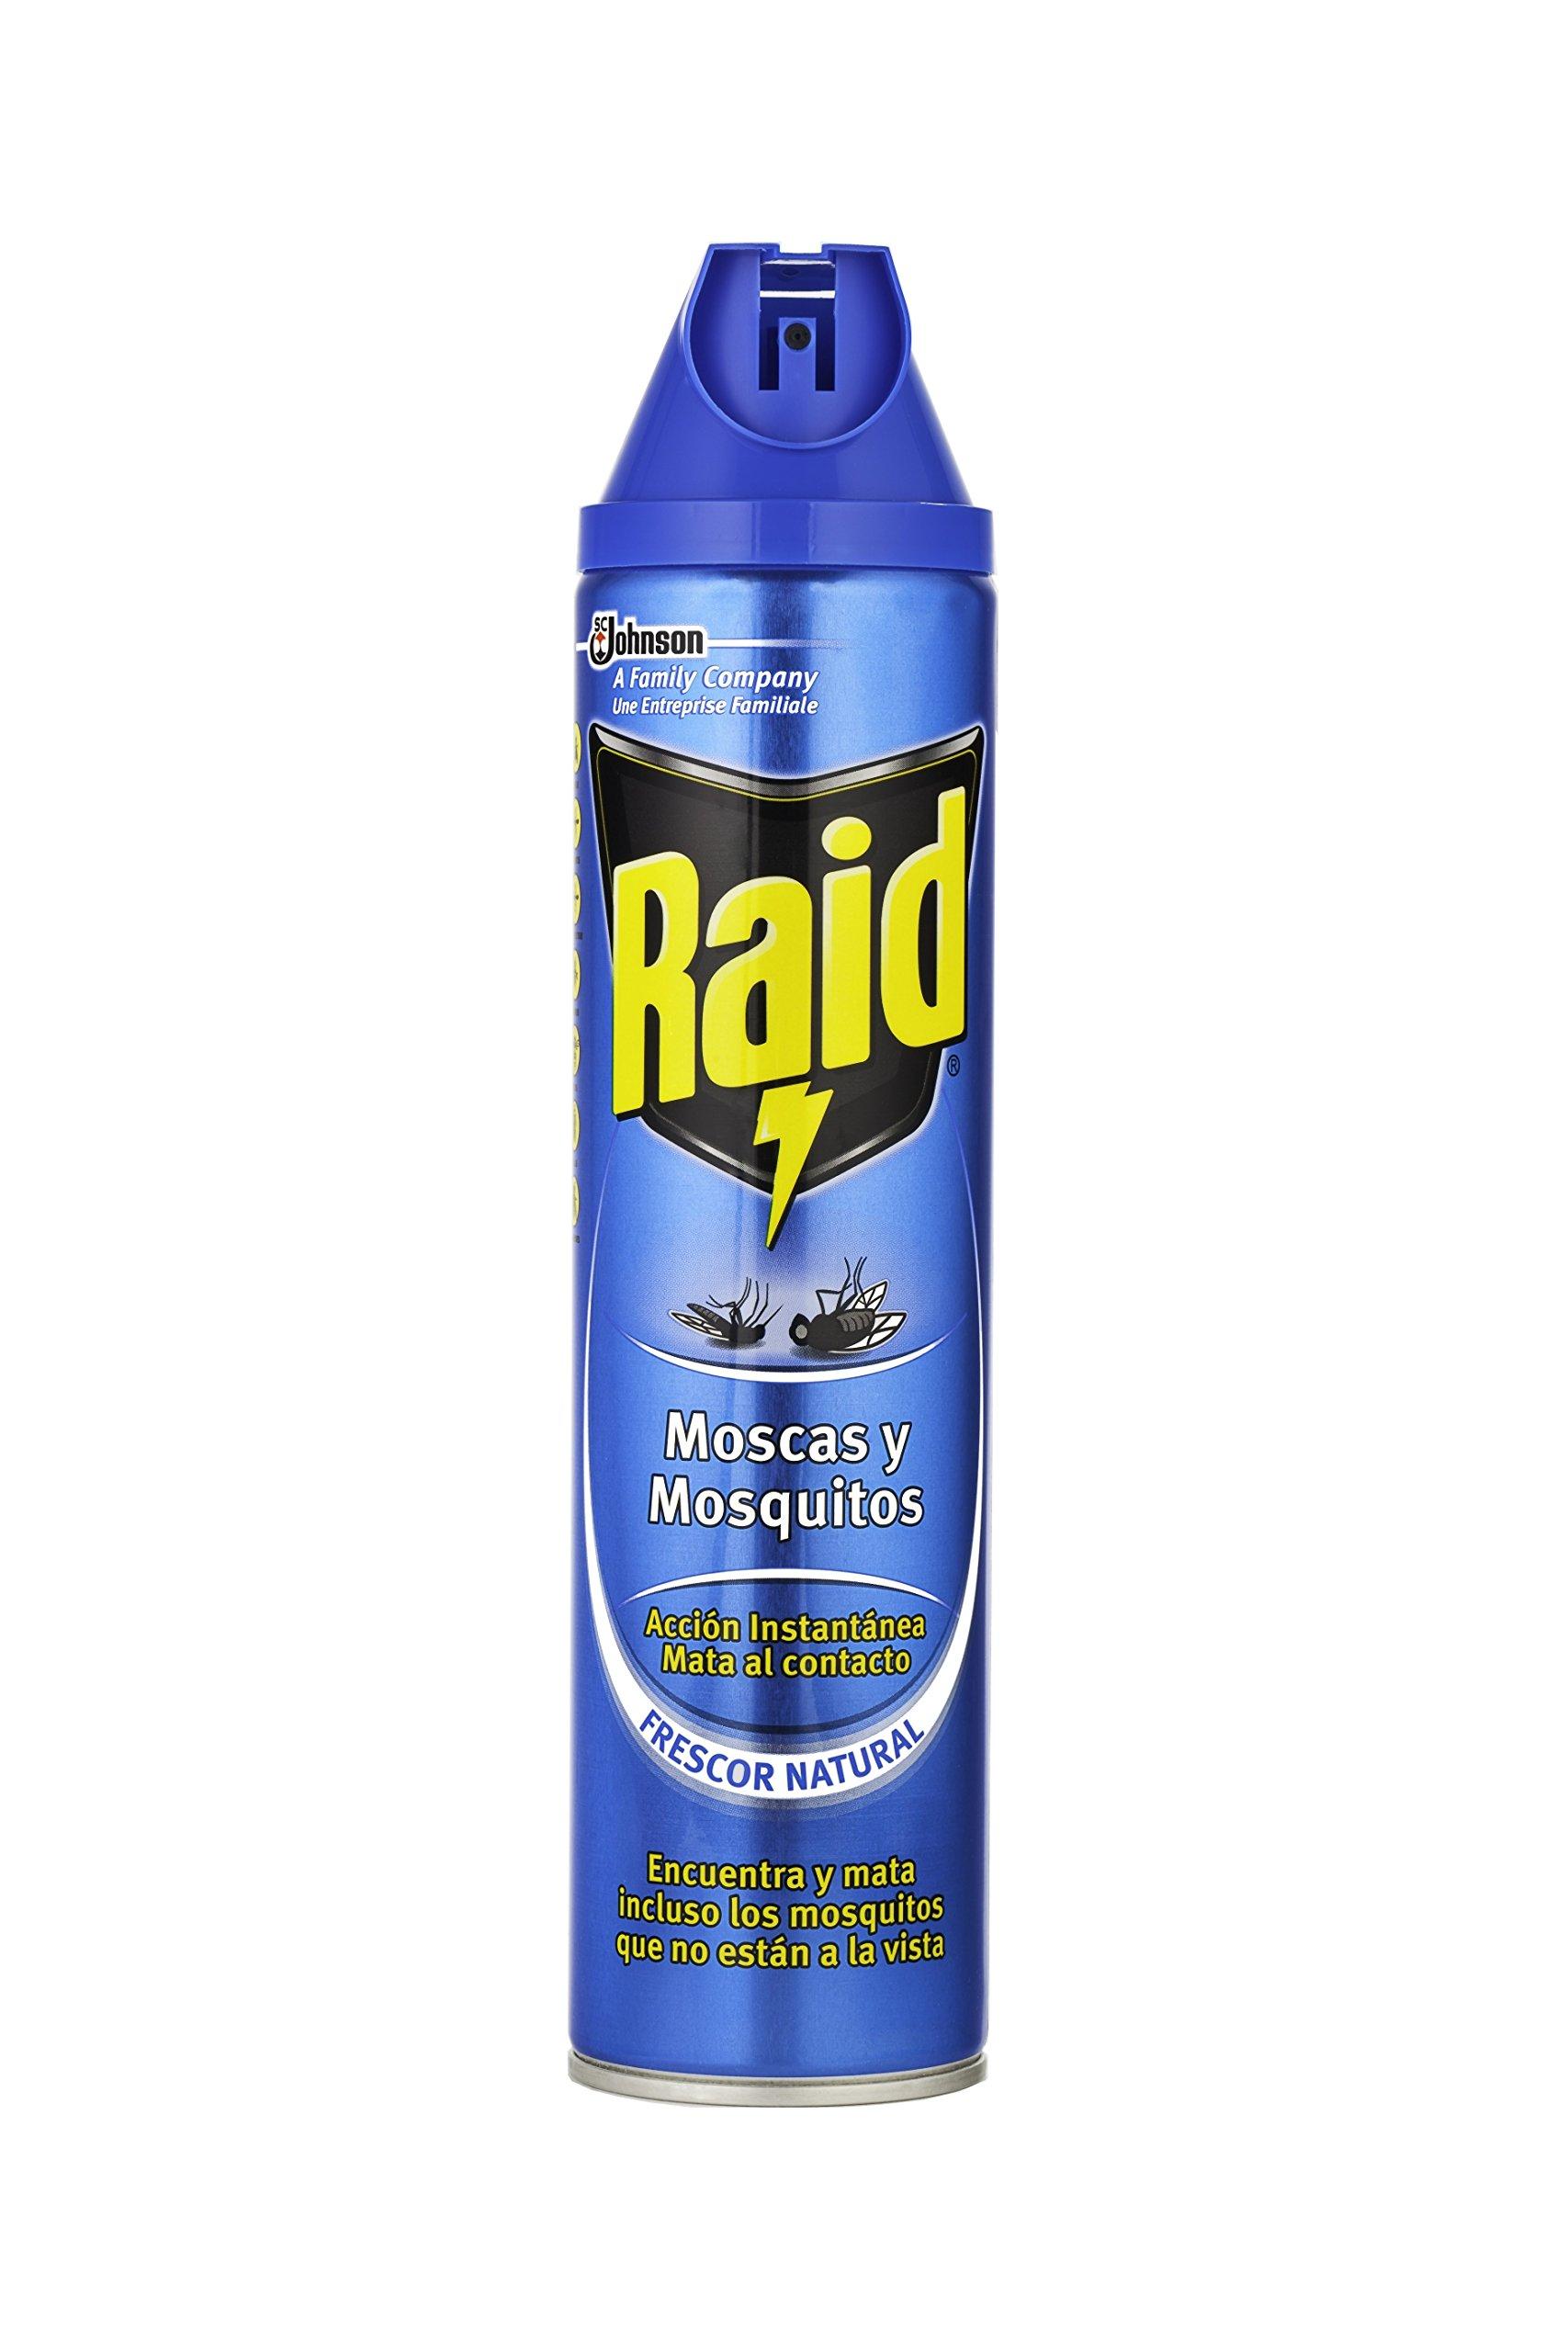 Raid ® Spray Insecticida - Aerosol para moscas y mosquitos, Frescor Natural. Eficacia inmediata. Unidad, 600ml